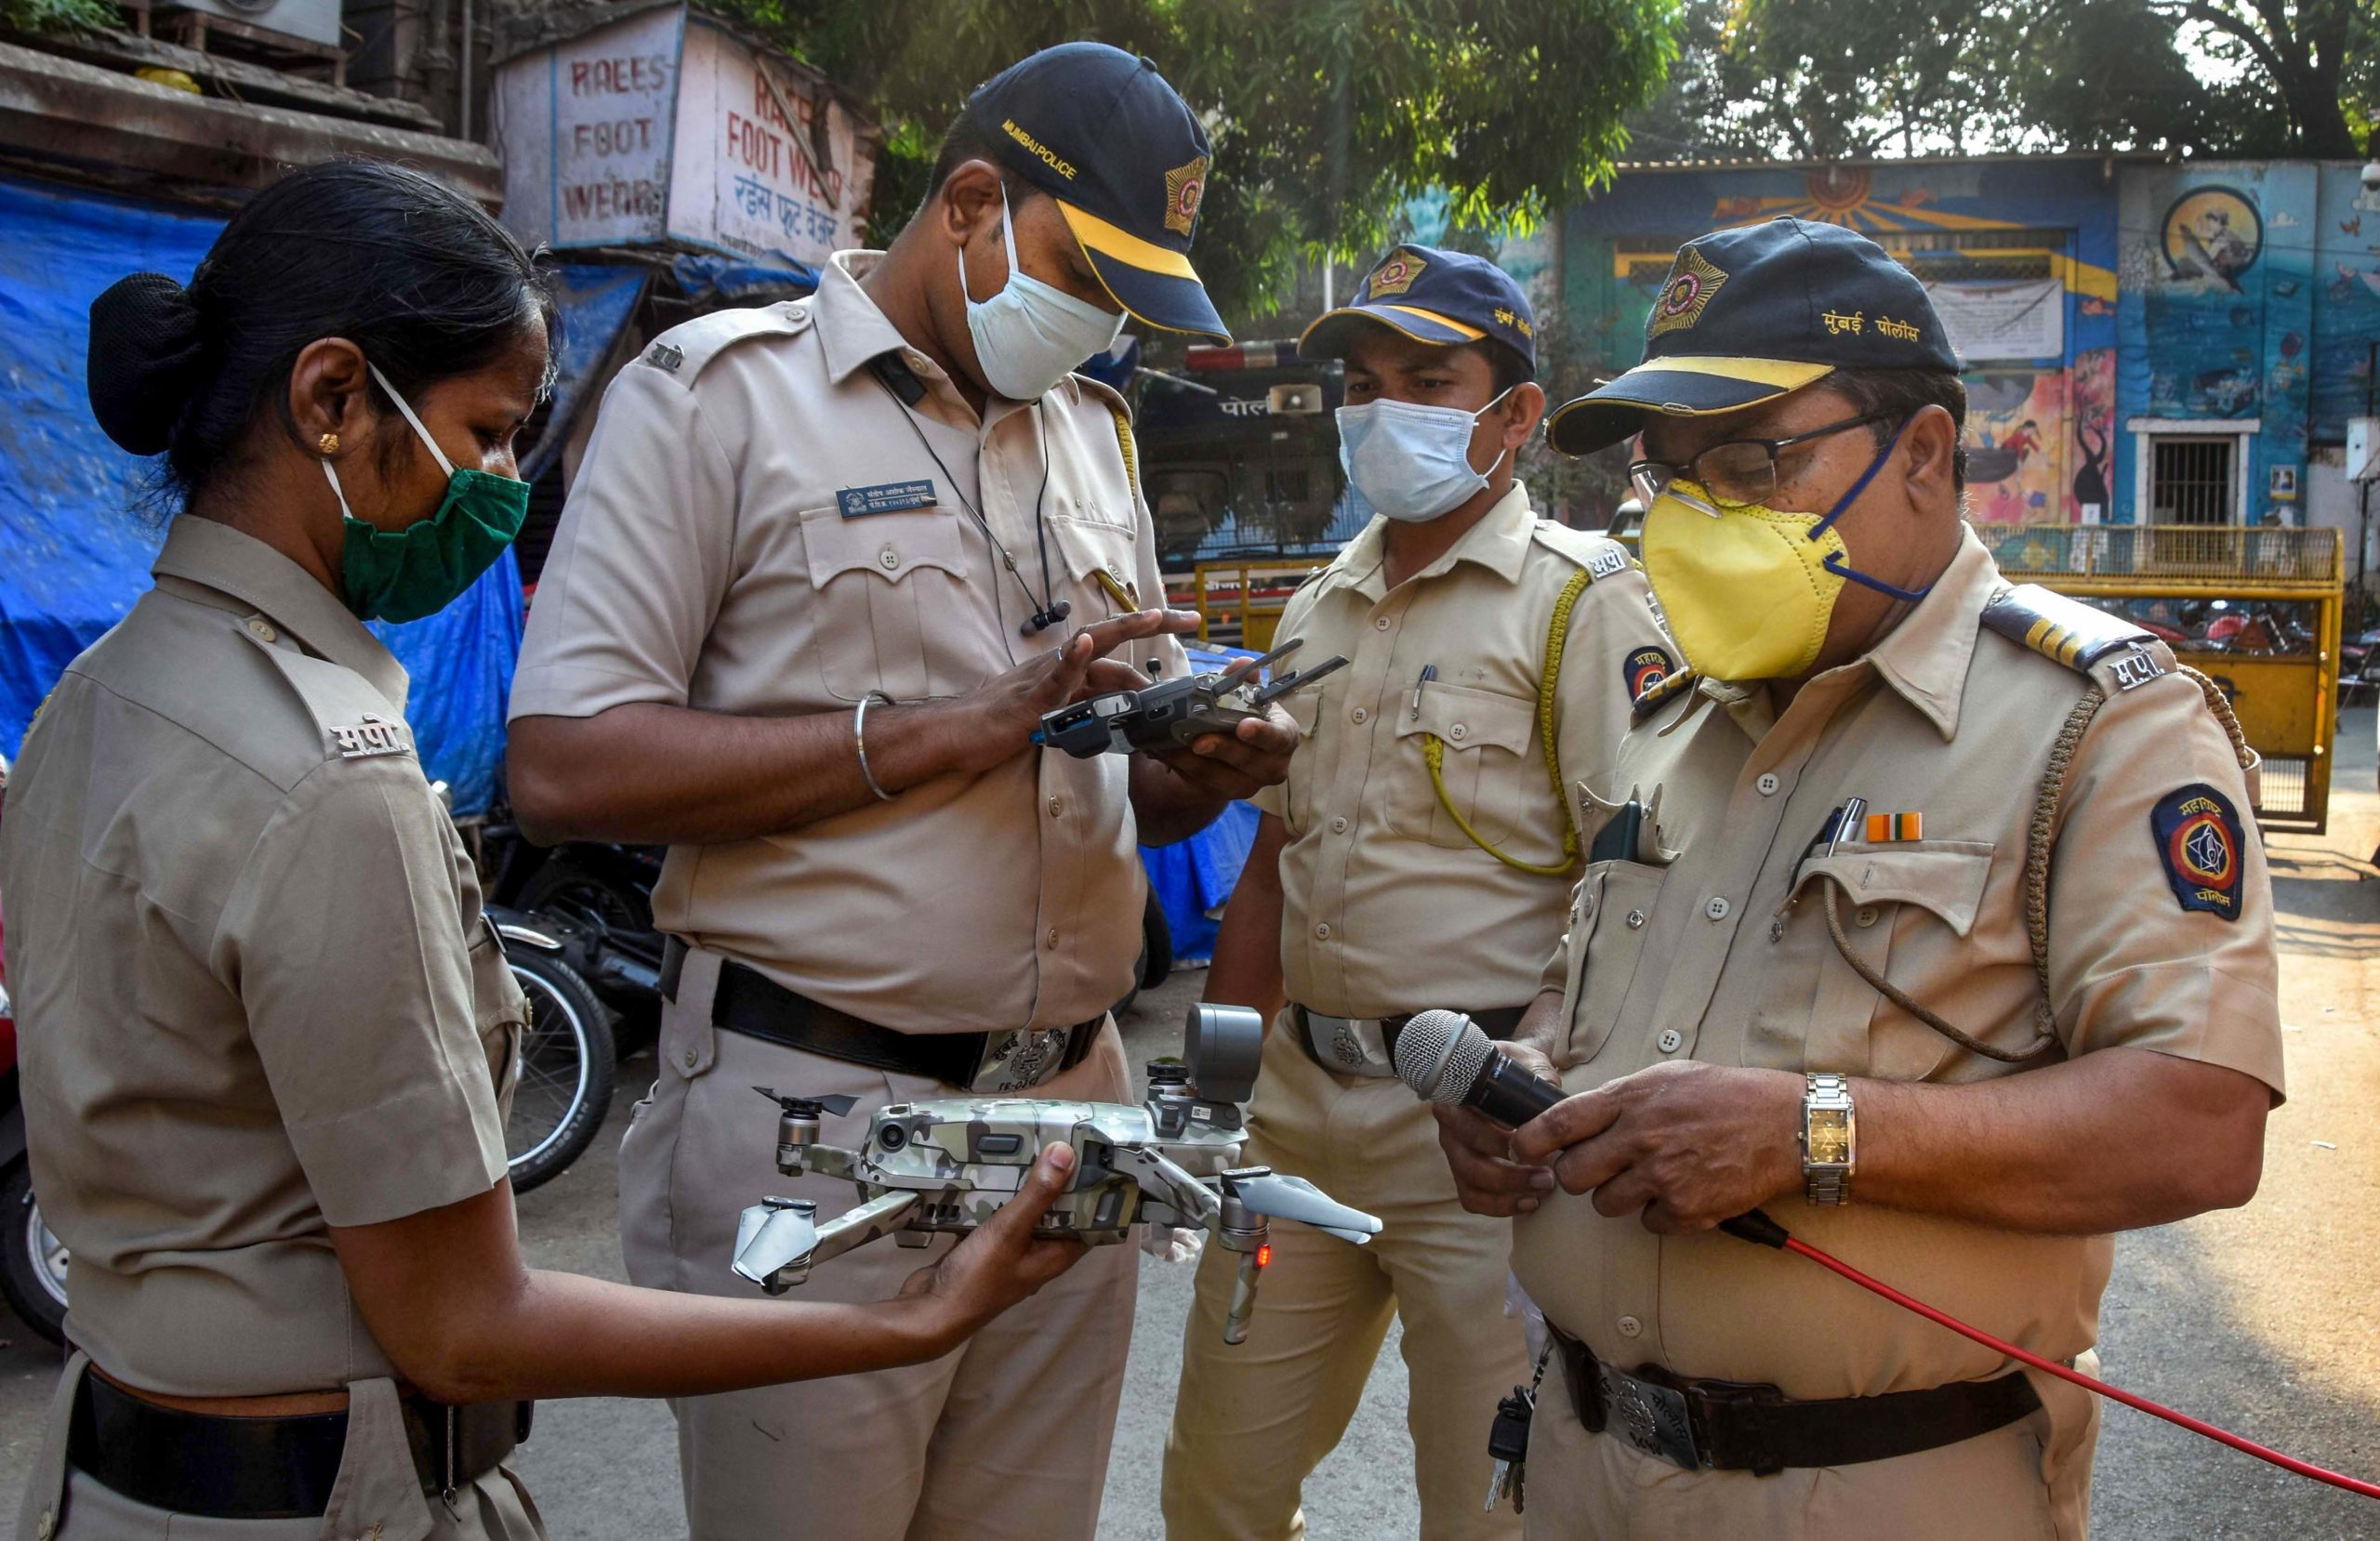 घरों से दो किलोमीटर के दायरे से बाहर न निकलें : मुंबई पुलिस ने निवासियों से की अपील